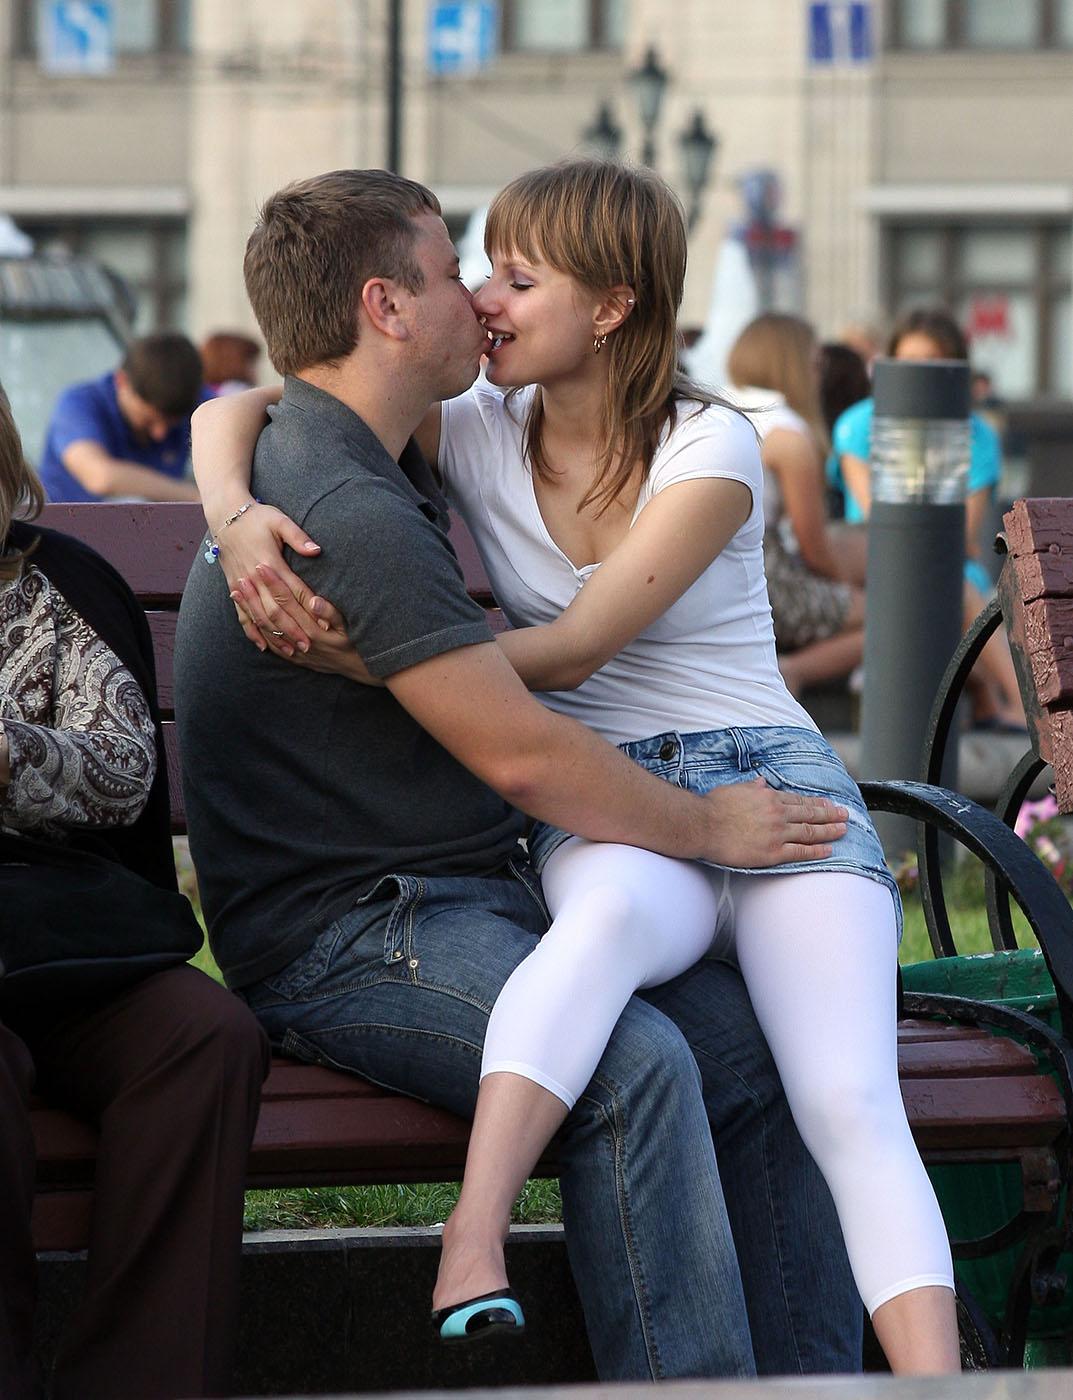 Девушка в джинсовой мини-юбке засветила белые лосины